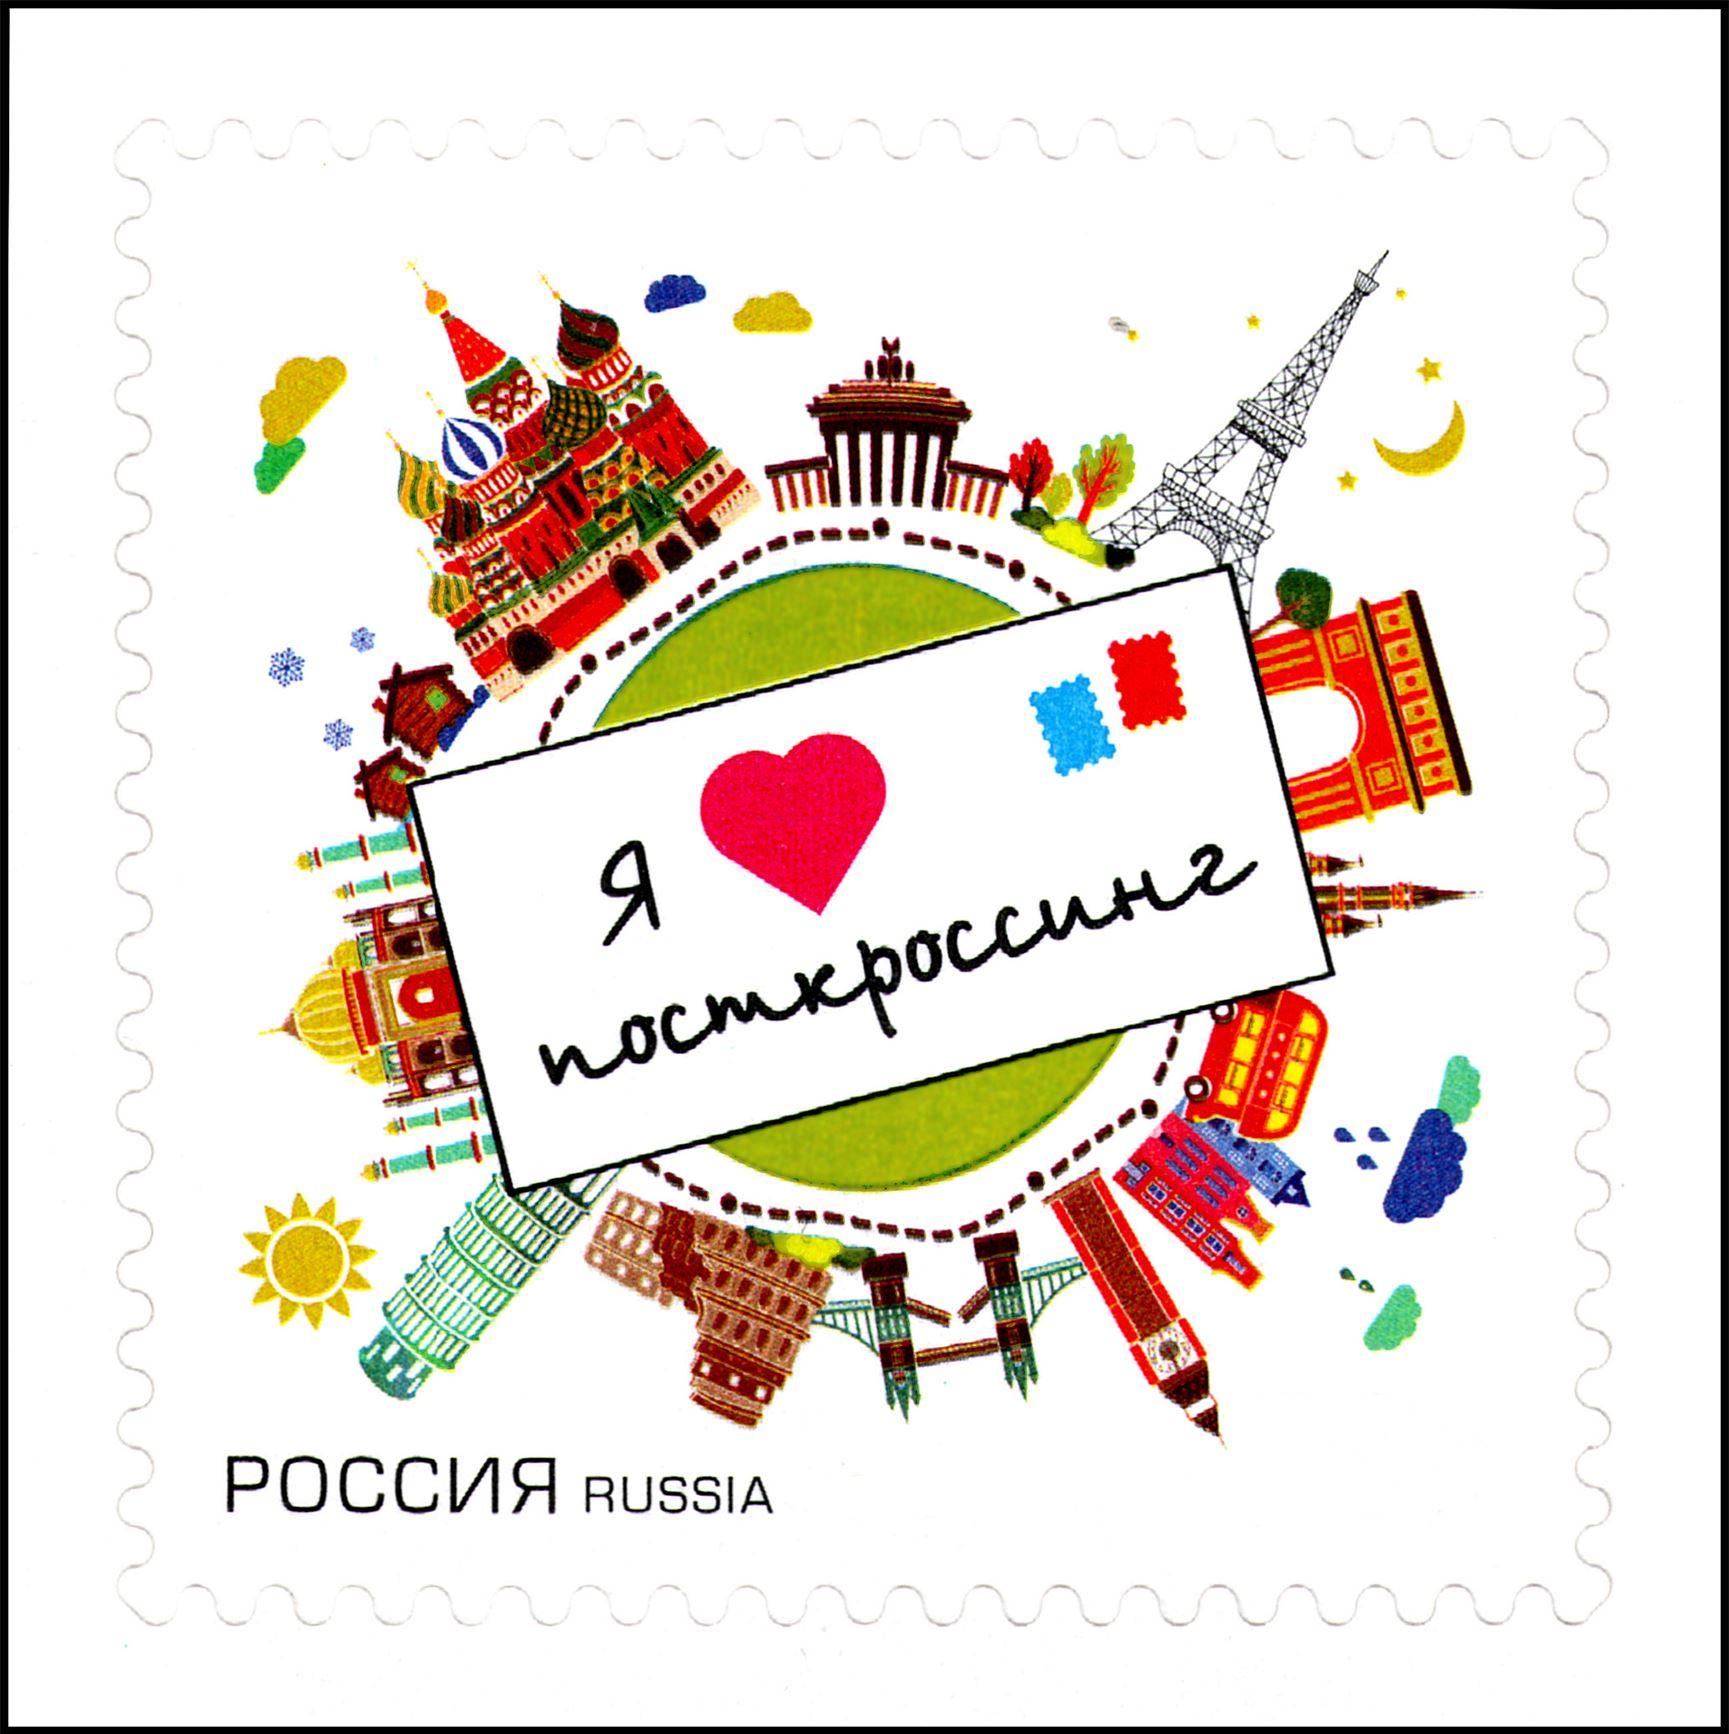 Отправляешь открытку в другую страну, творческих успехов открытка